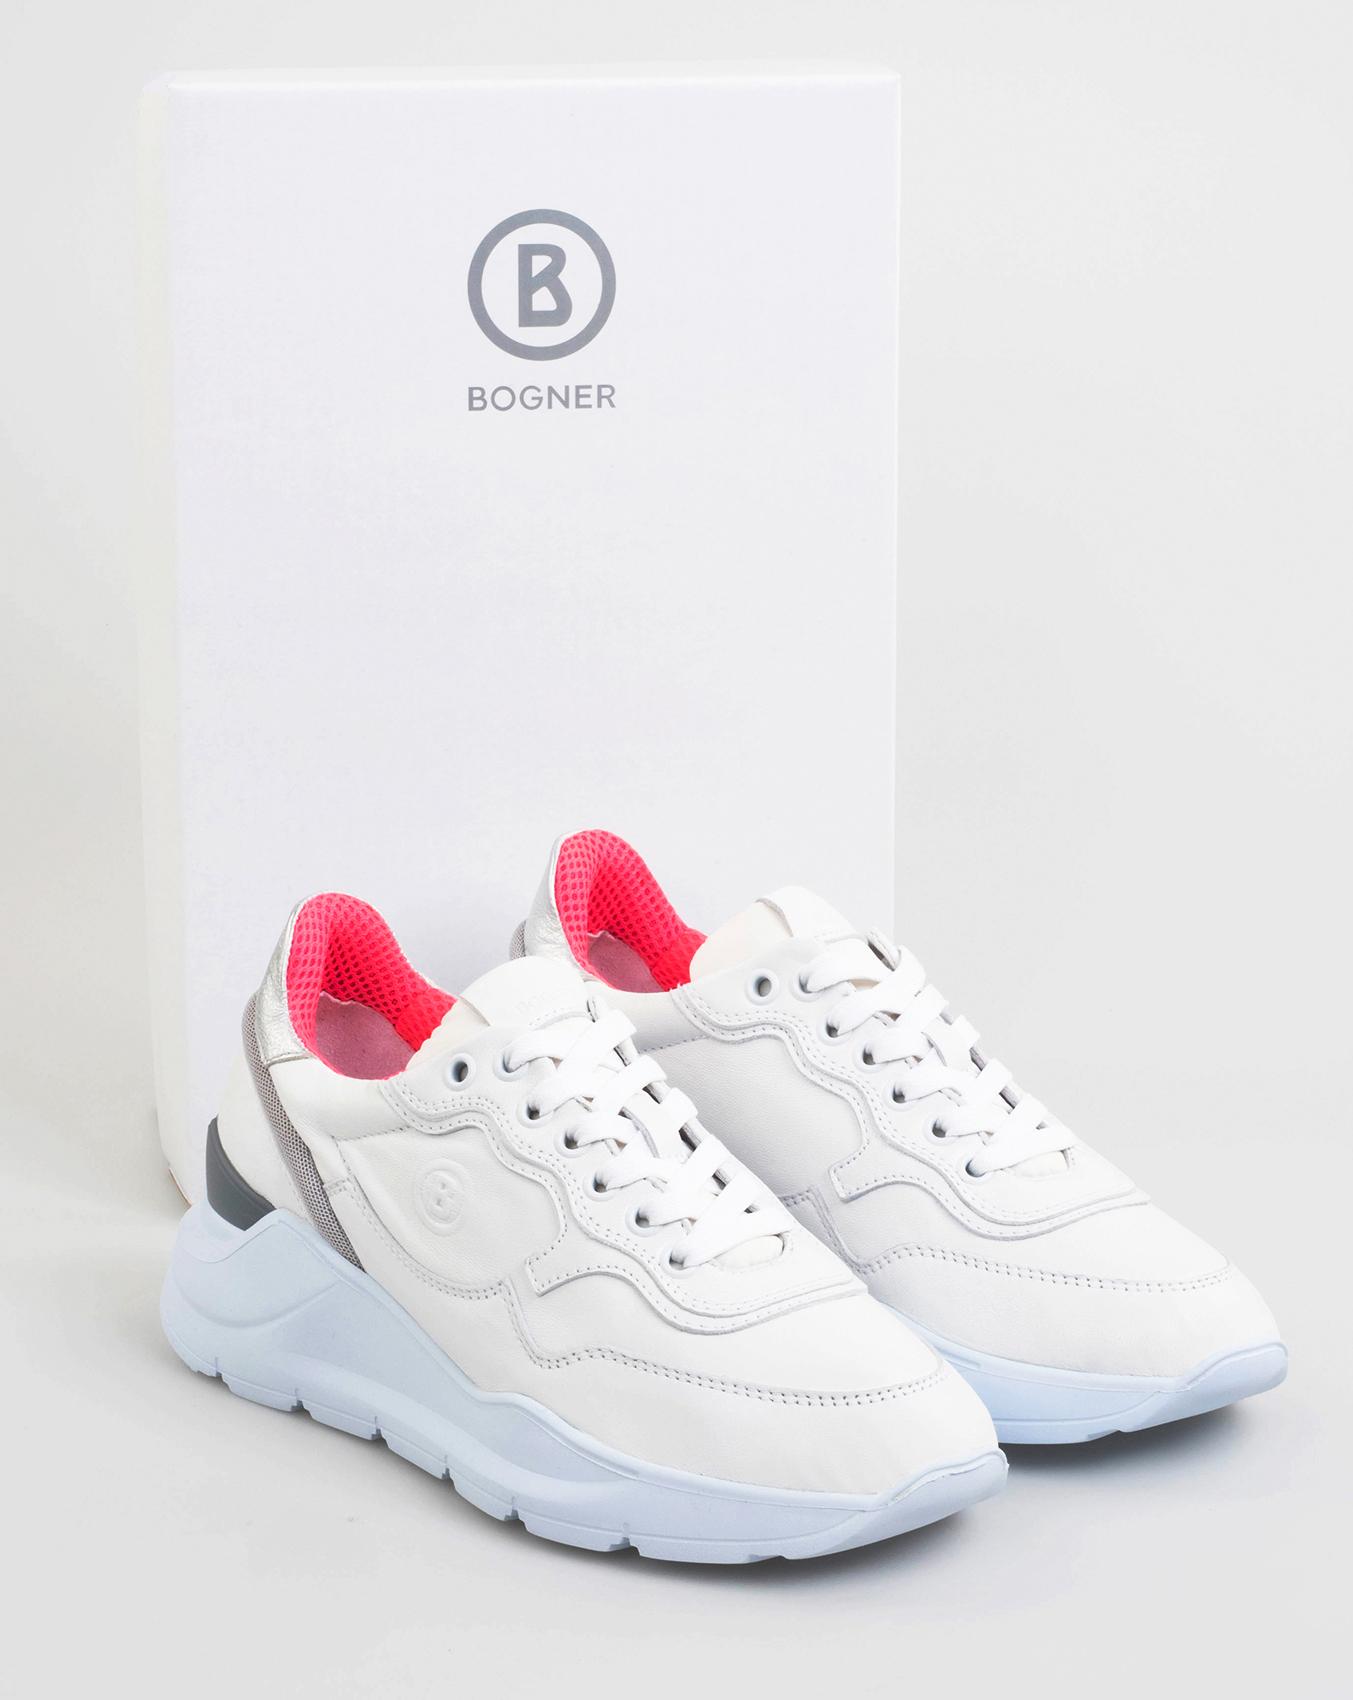 geeignet für Männer/Frauen klassischer Stil Super Specials Sneakers Osaka 1A   Hot Selection   purchase online